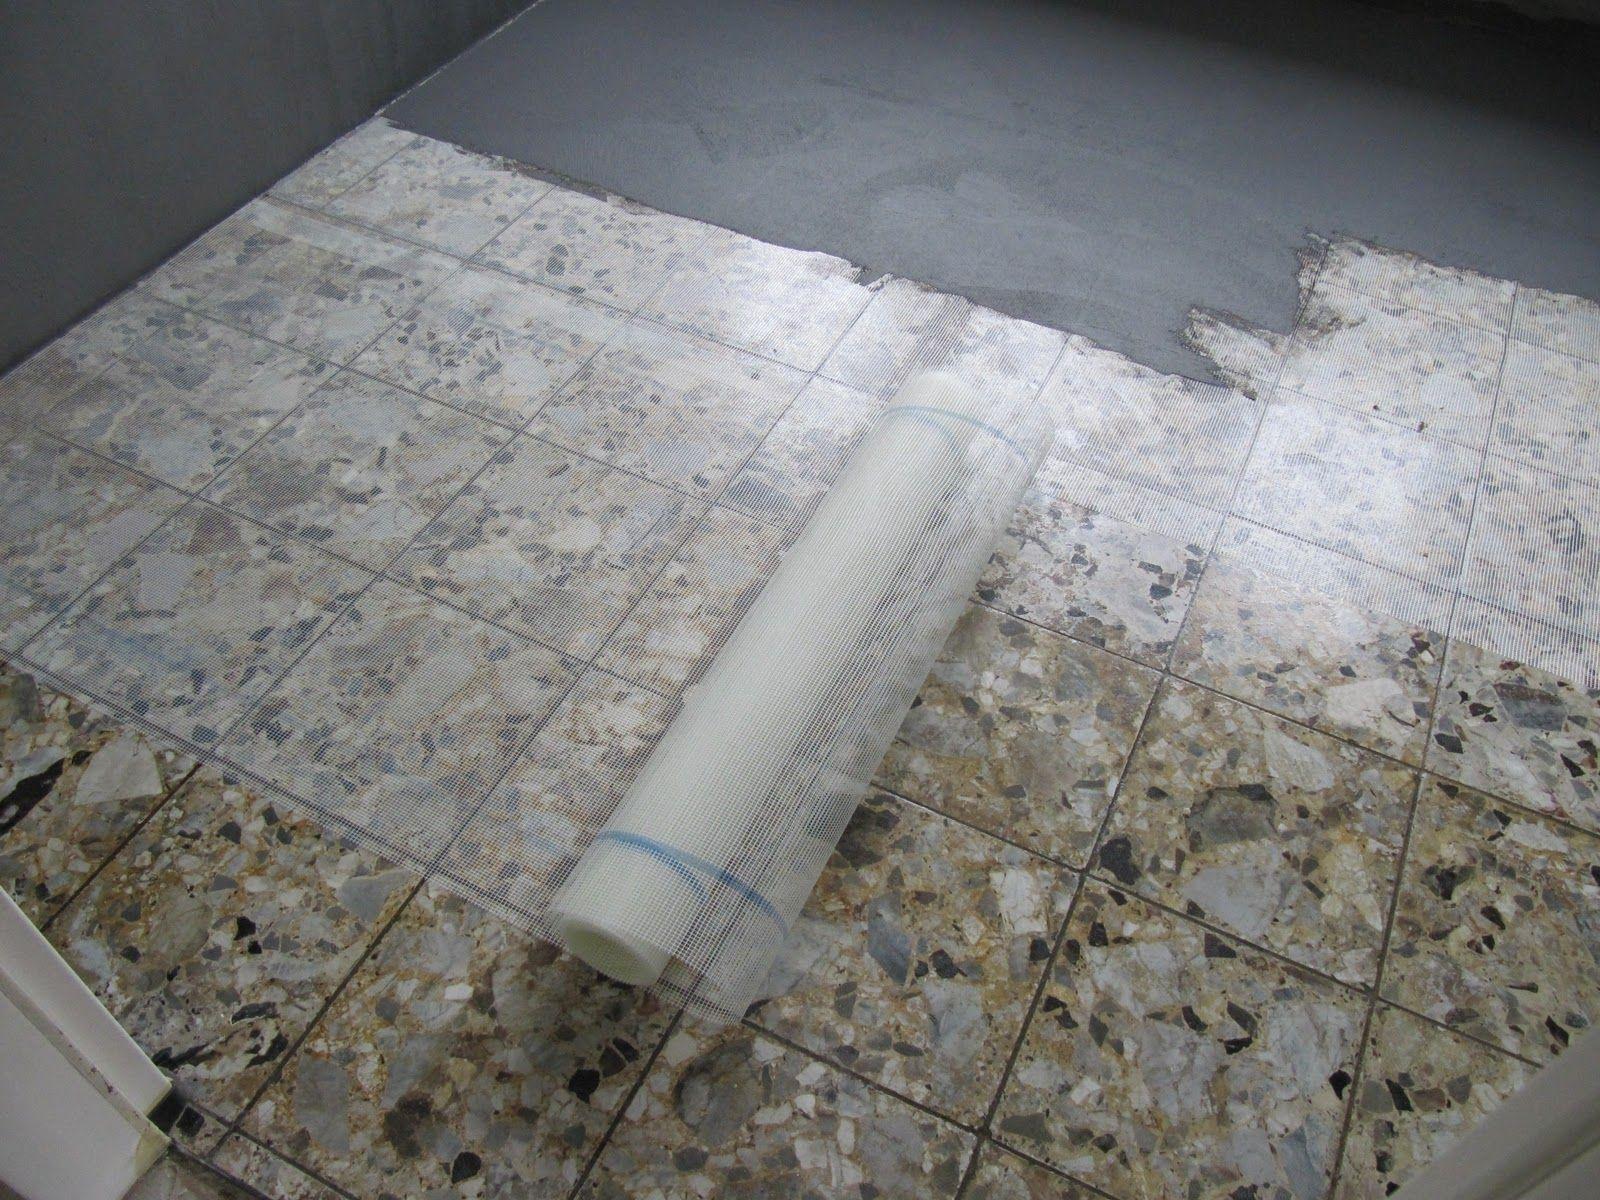 Hier Werden Einige Arbeitsbeispiele Gezeigt Die Mit Betoncire Realisiert Wurden Beton Cire Ist Eine Beschichtung Auf Zement Beton Cire Betonfussboden Fussboden